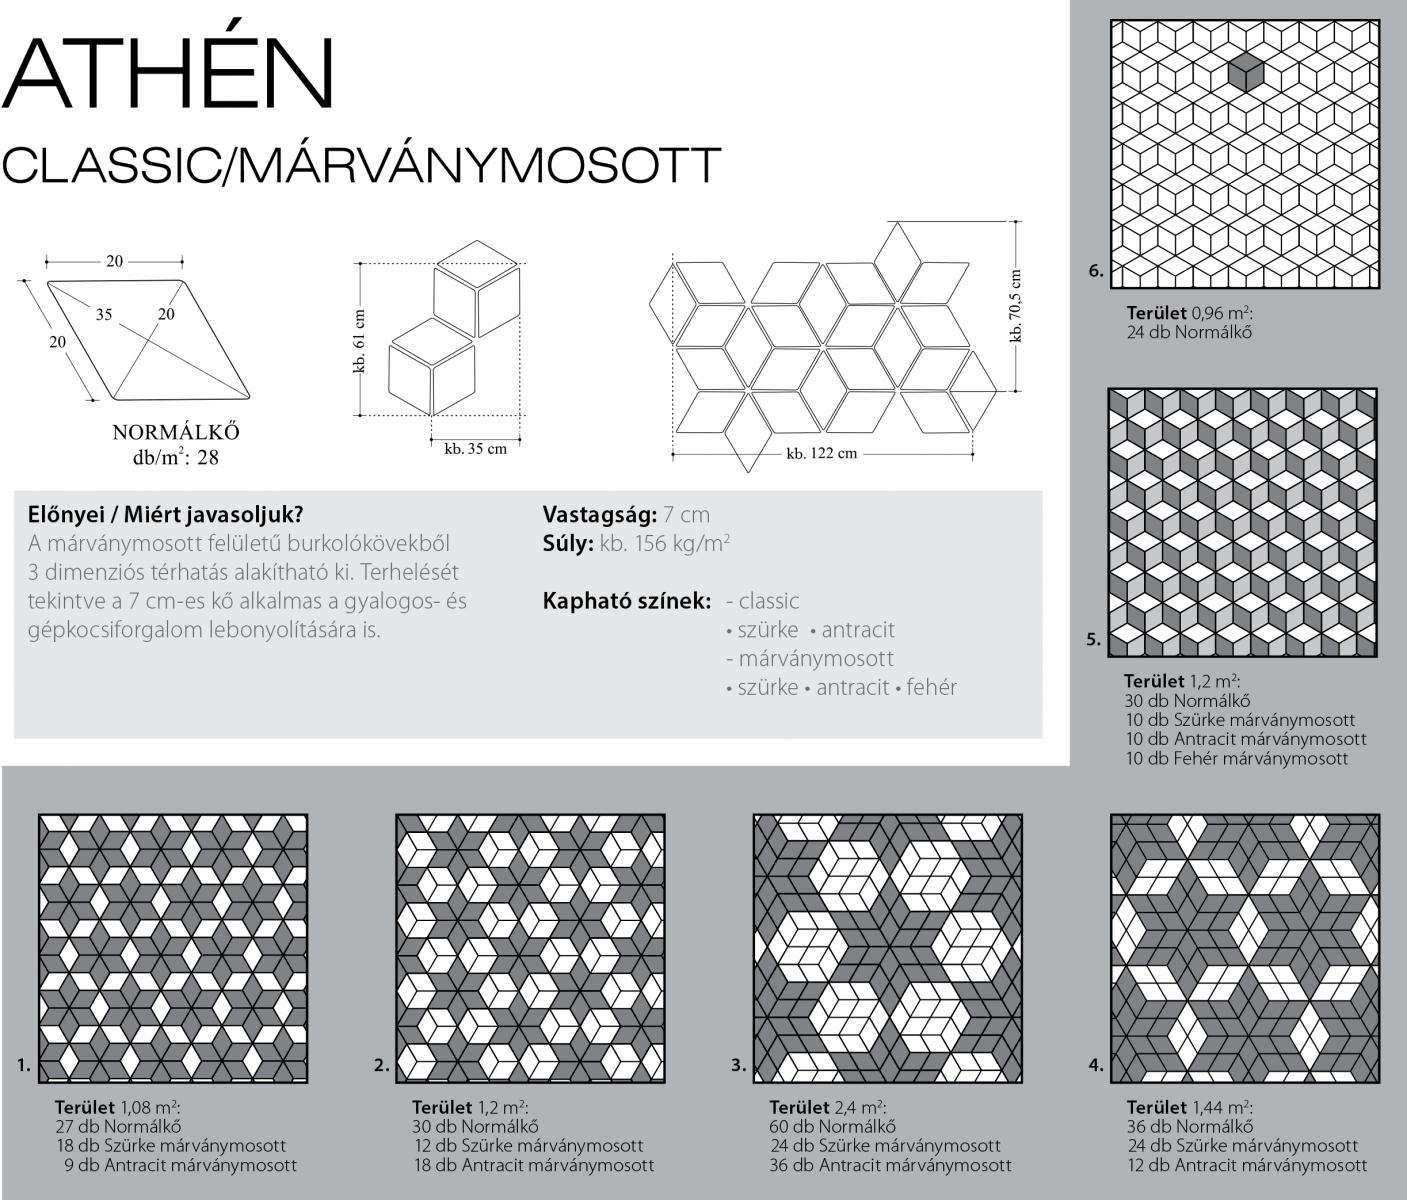 Athén márványmosott technikai információi